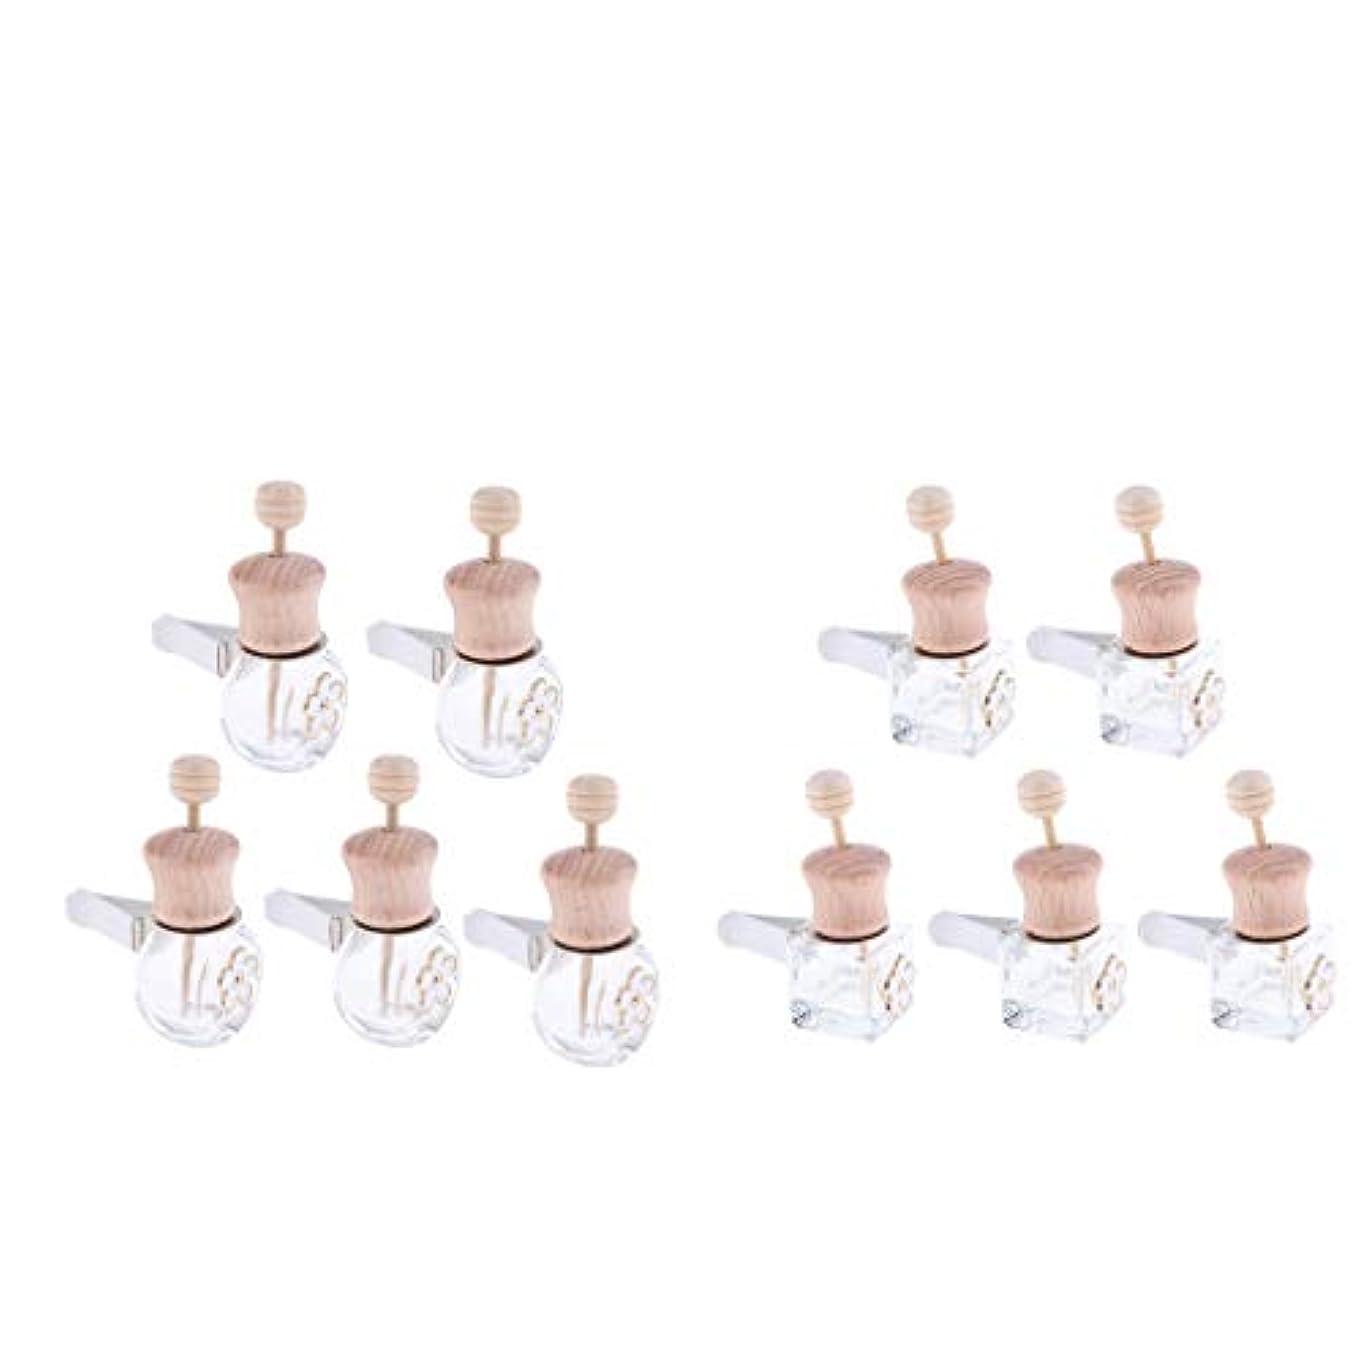 スカープピース気になるSM SunniMix 車 香水ボトル 詰め替え式 ディフューザー 8ml+6ml 装飾 雰囲気 作り出す 10個入